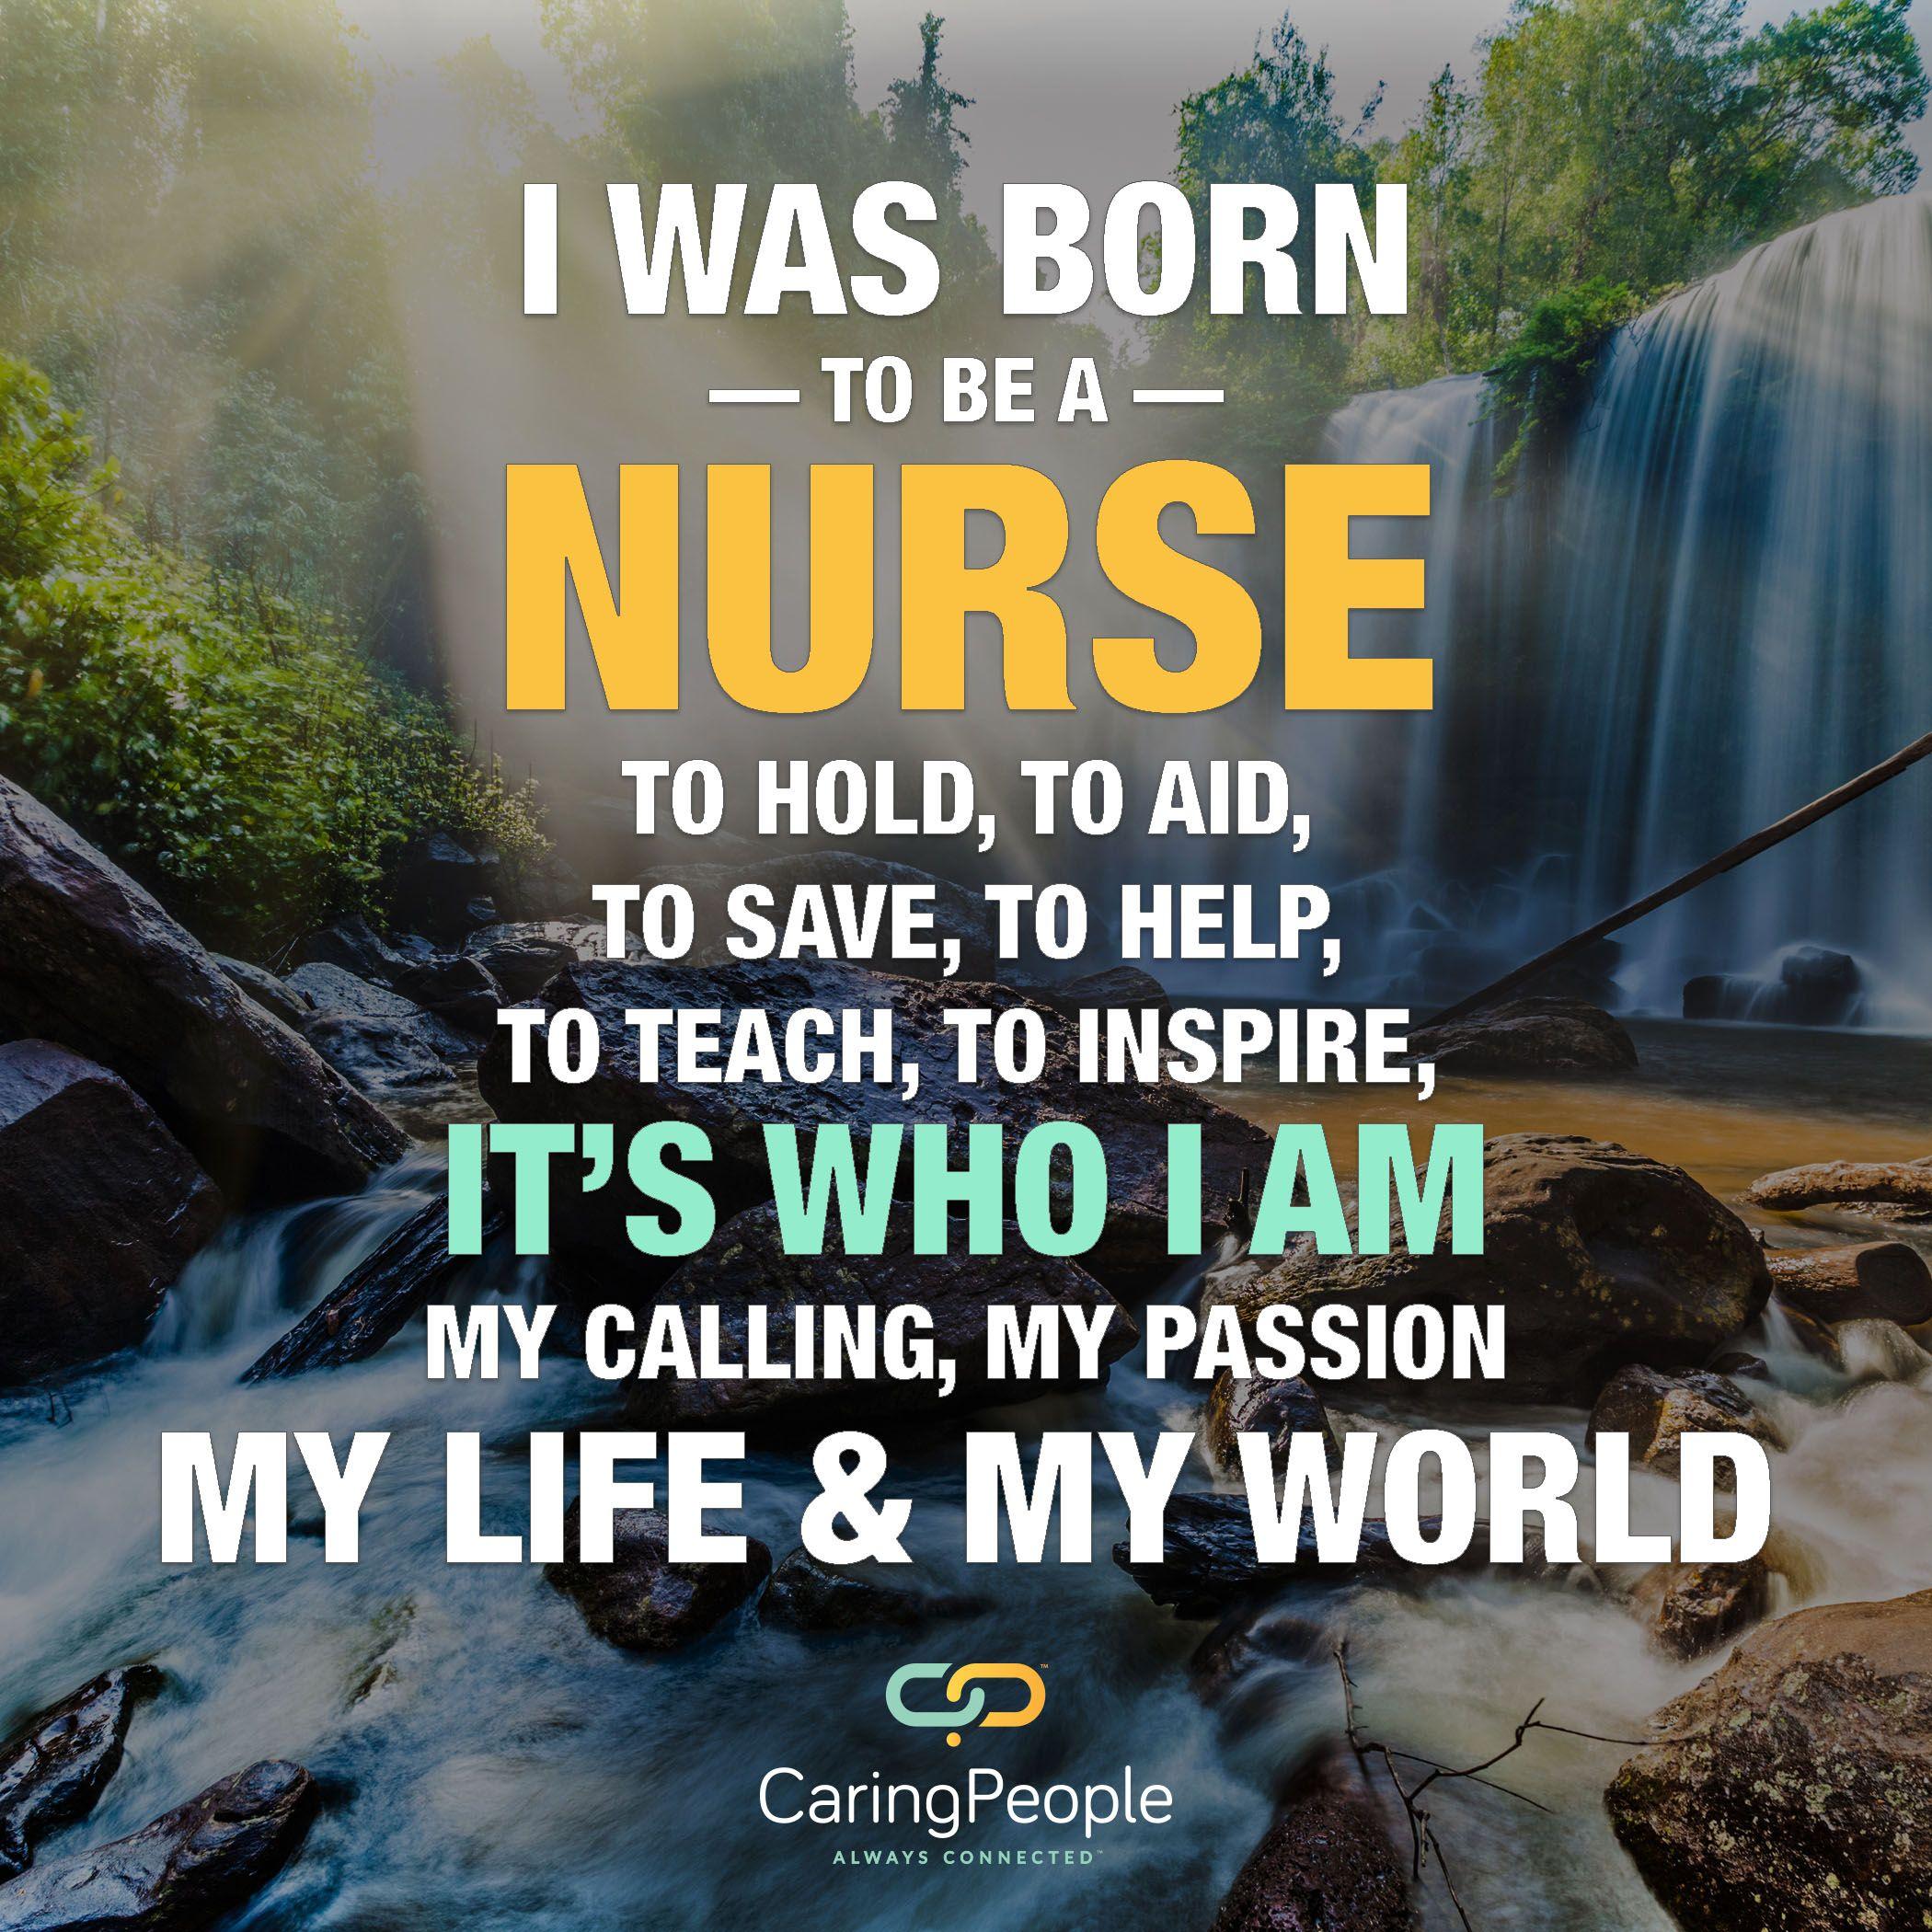 Nurse week nurse quote nurses week quotes